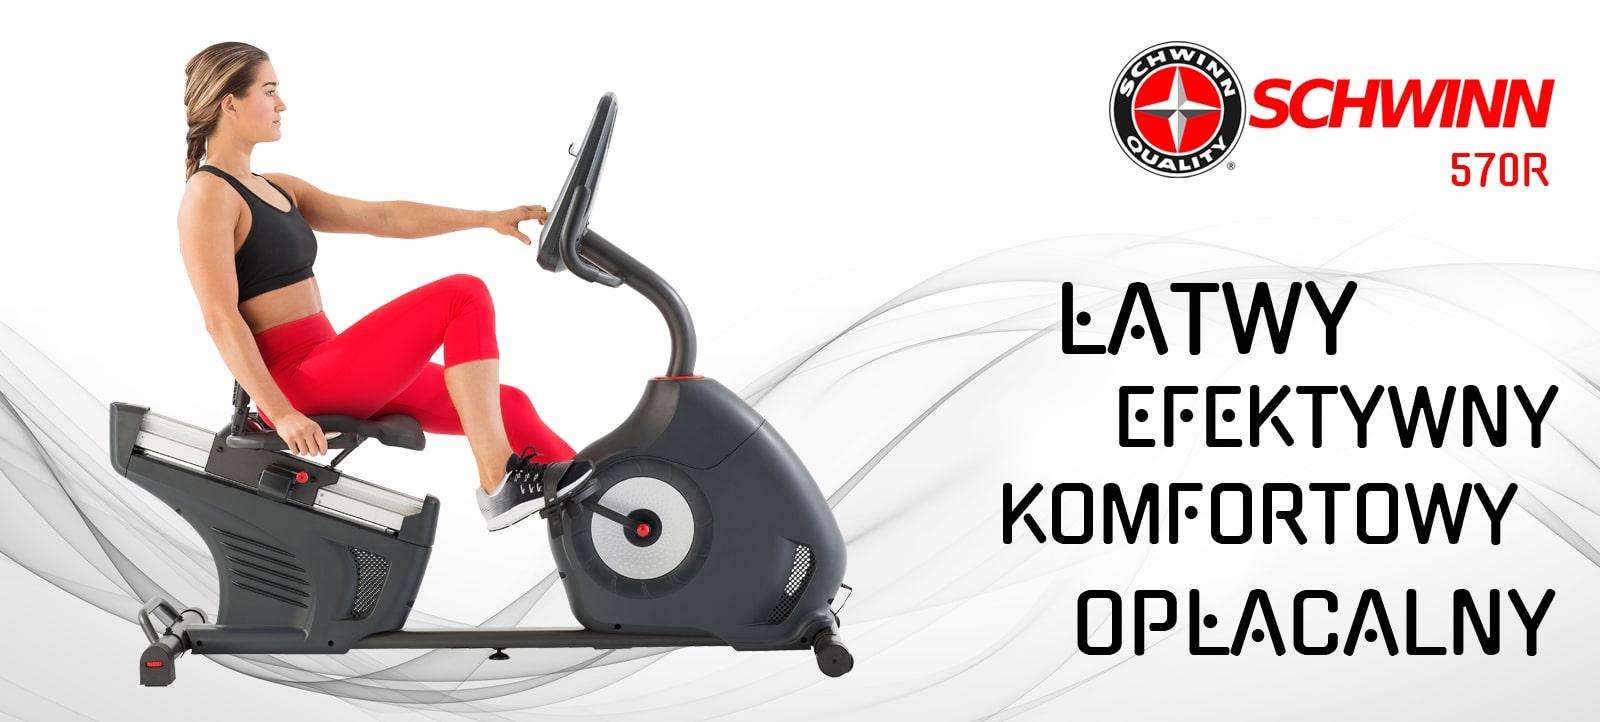 Rower programowany poziomy Schwinn 570R